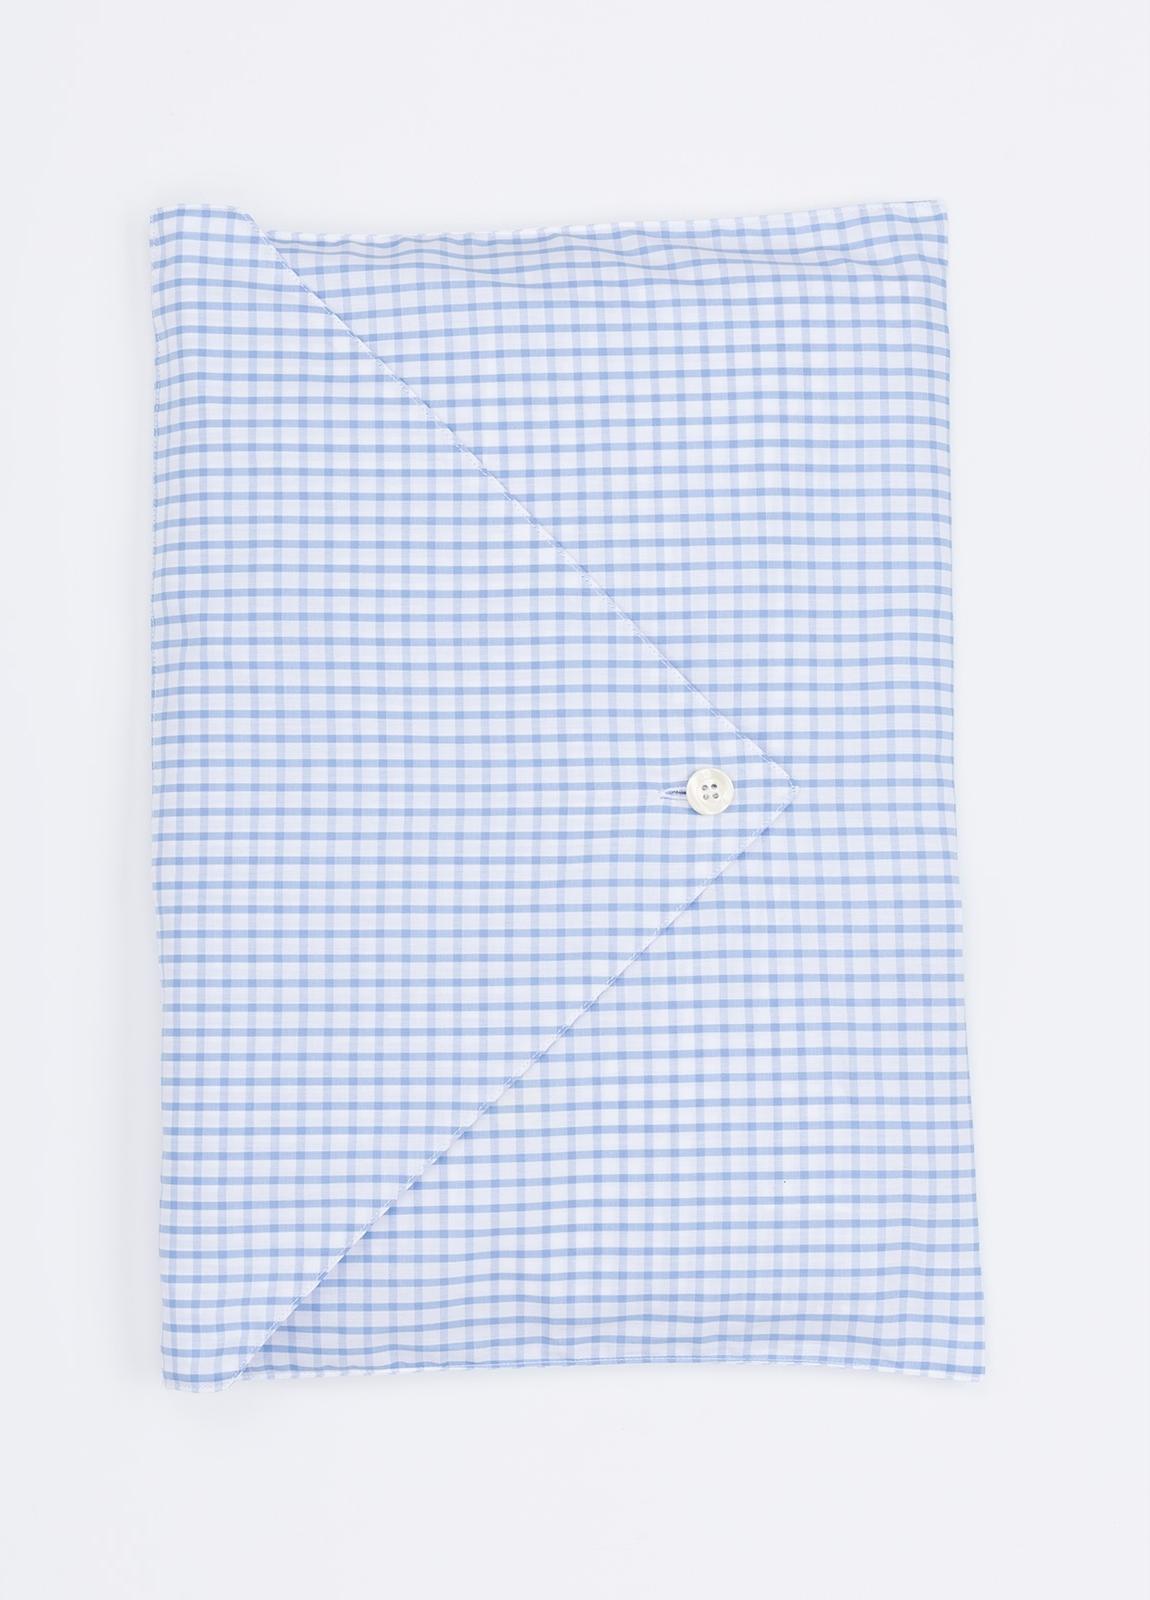 Pijama LARGO dos piezas, pantalón largo con cinta no elástica y funda incluida color celeste con estampado cuadro ventana. 100% Algodón. - Ítem1